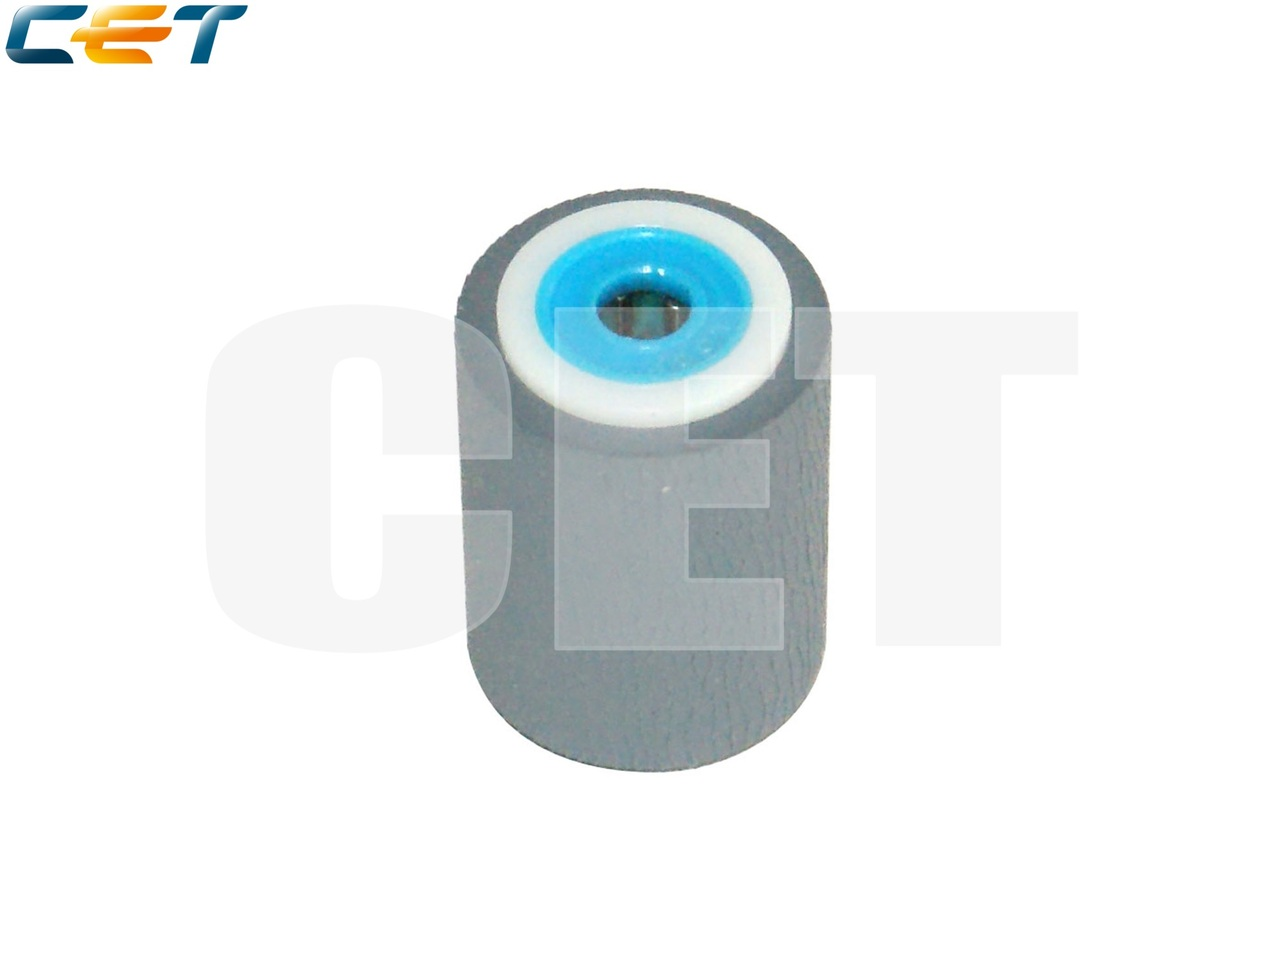 Ролик подачи 56AAR72000, 4024-2058-01 для KONICAMINOLTA Bizhub 600/750, Di551/650 (CET), CET7265